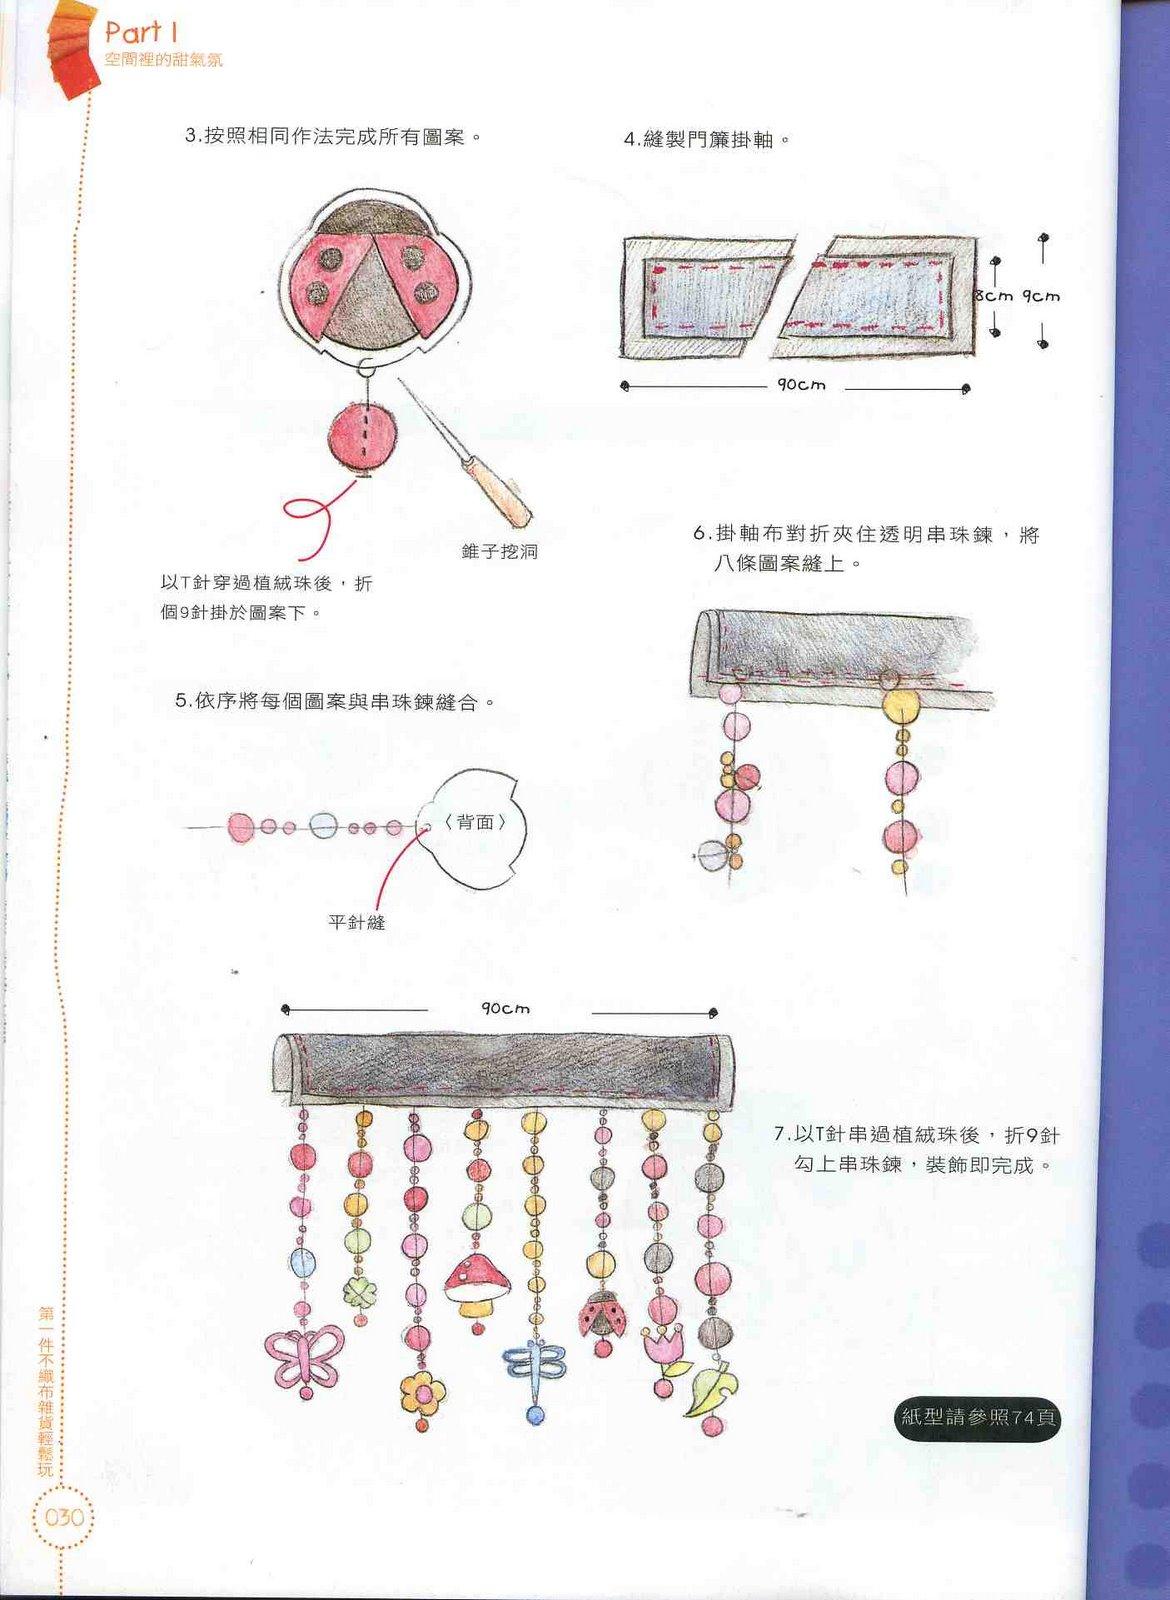 revista de feltro móbile de joaninha